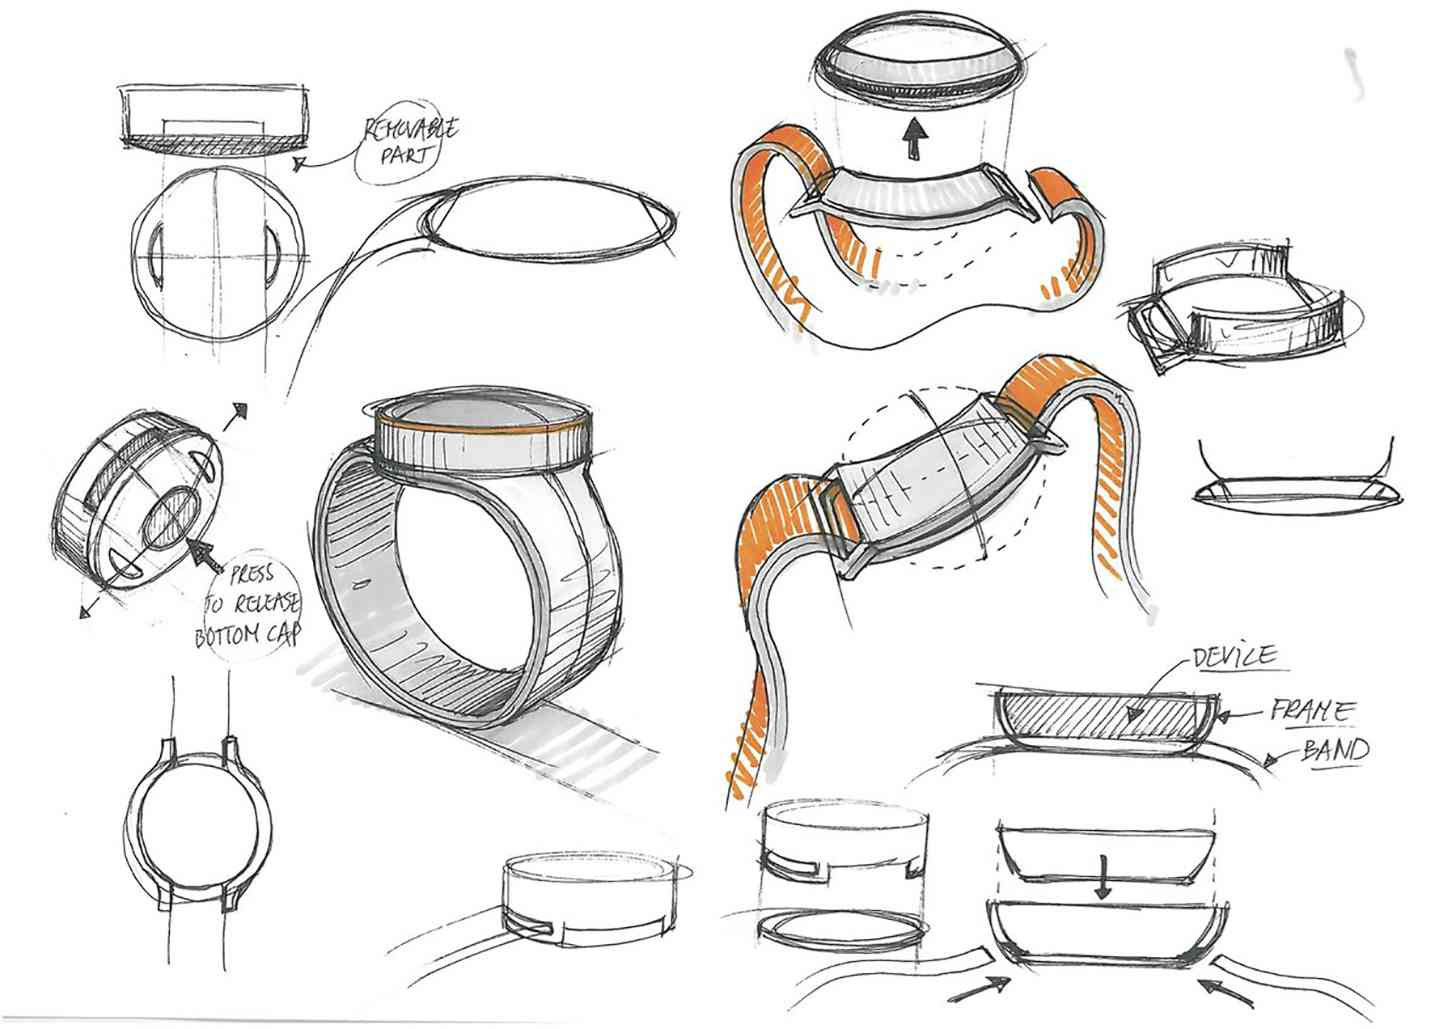 OnePlus smartwatch design sketches